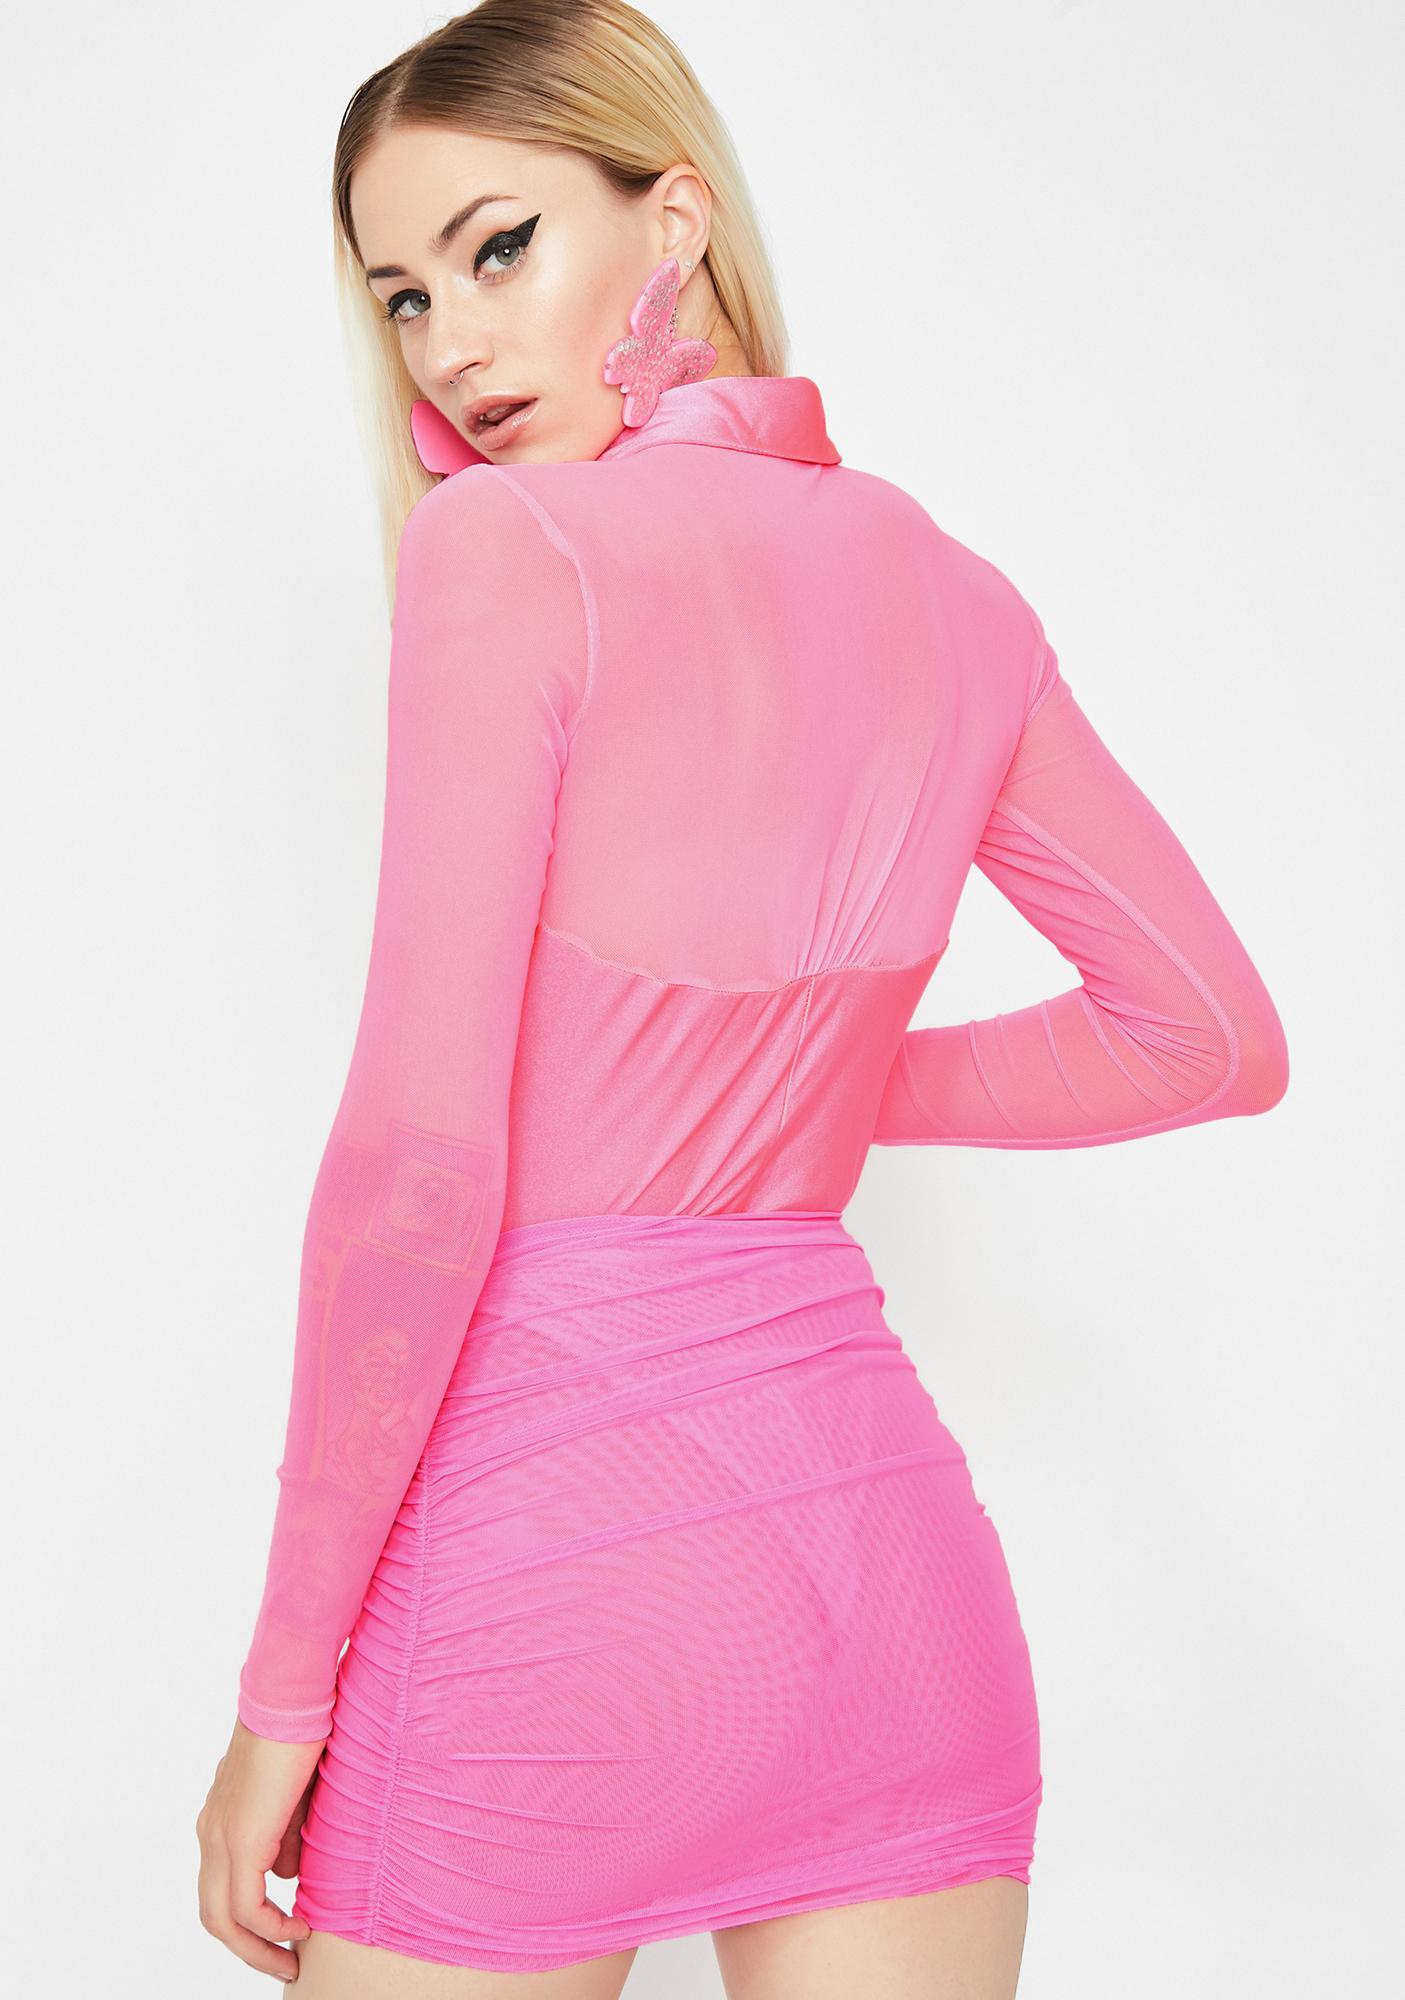 Electrik Vixen Polo Bodysuit